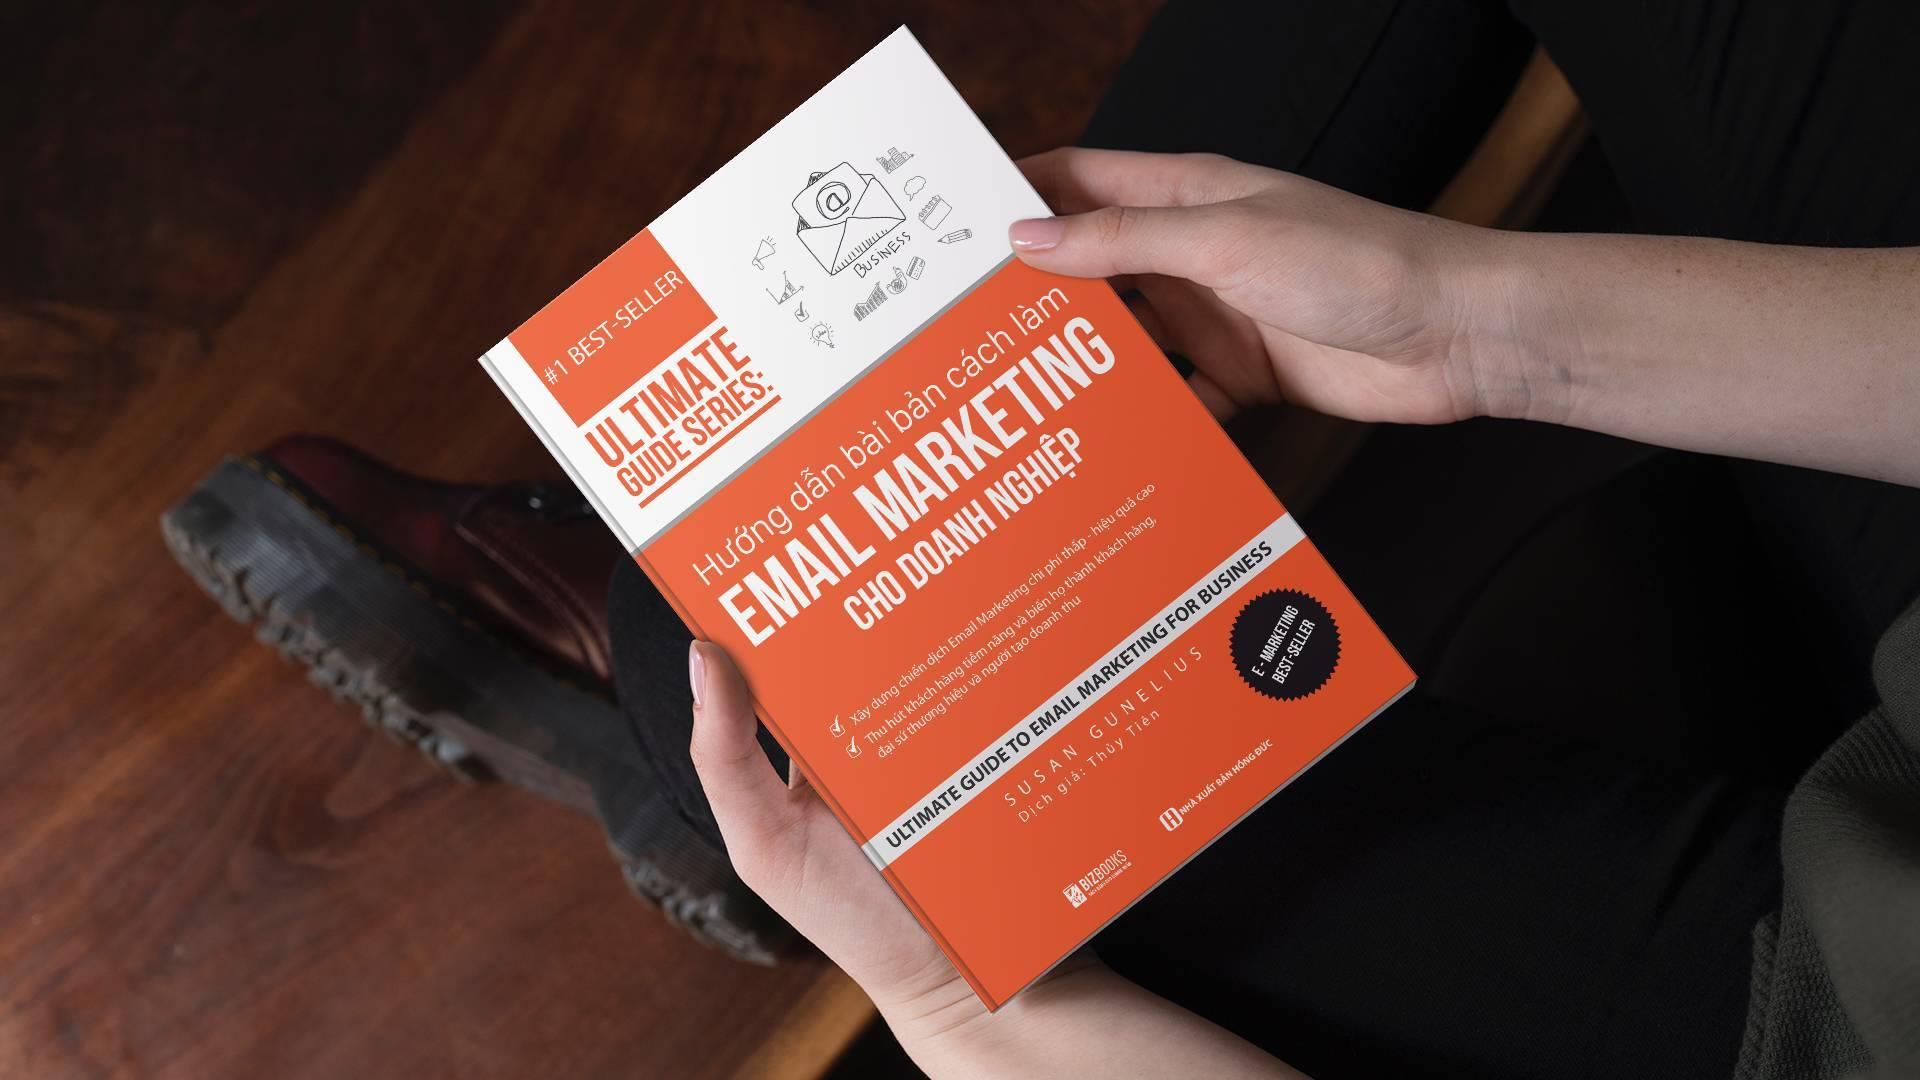 Combo 2 cuốn sách người làm Marketing phải có: Cách làm Email Marketing cho doanh nghiệp và Những chiến lược marketing giúp doanh nghiệp tạo ra lợi nhuận